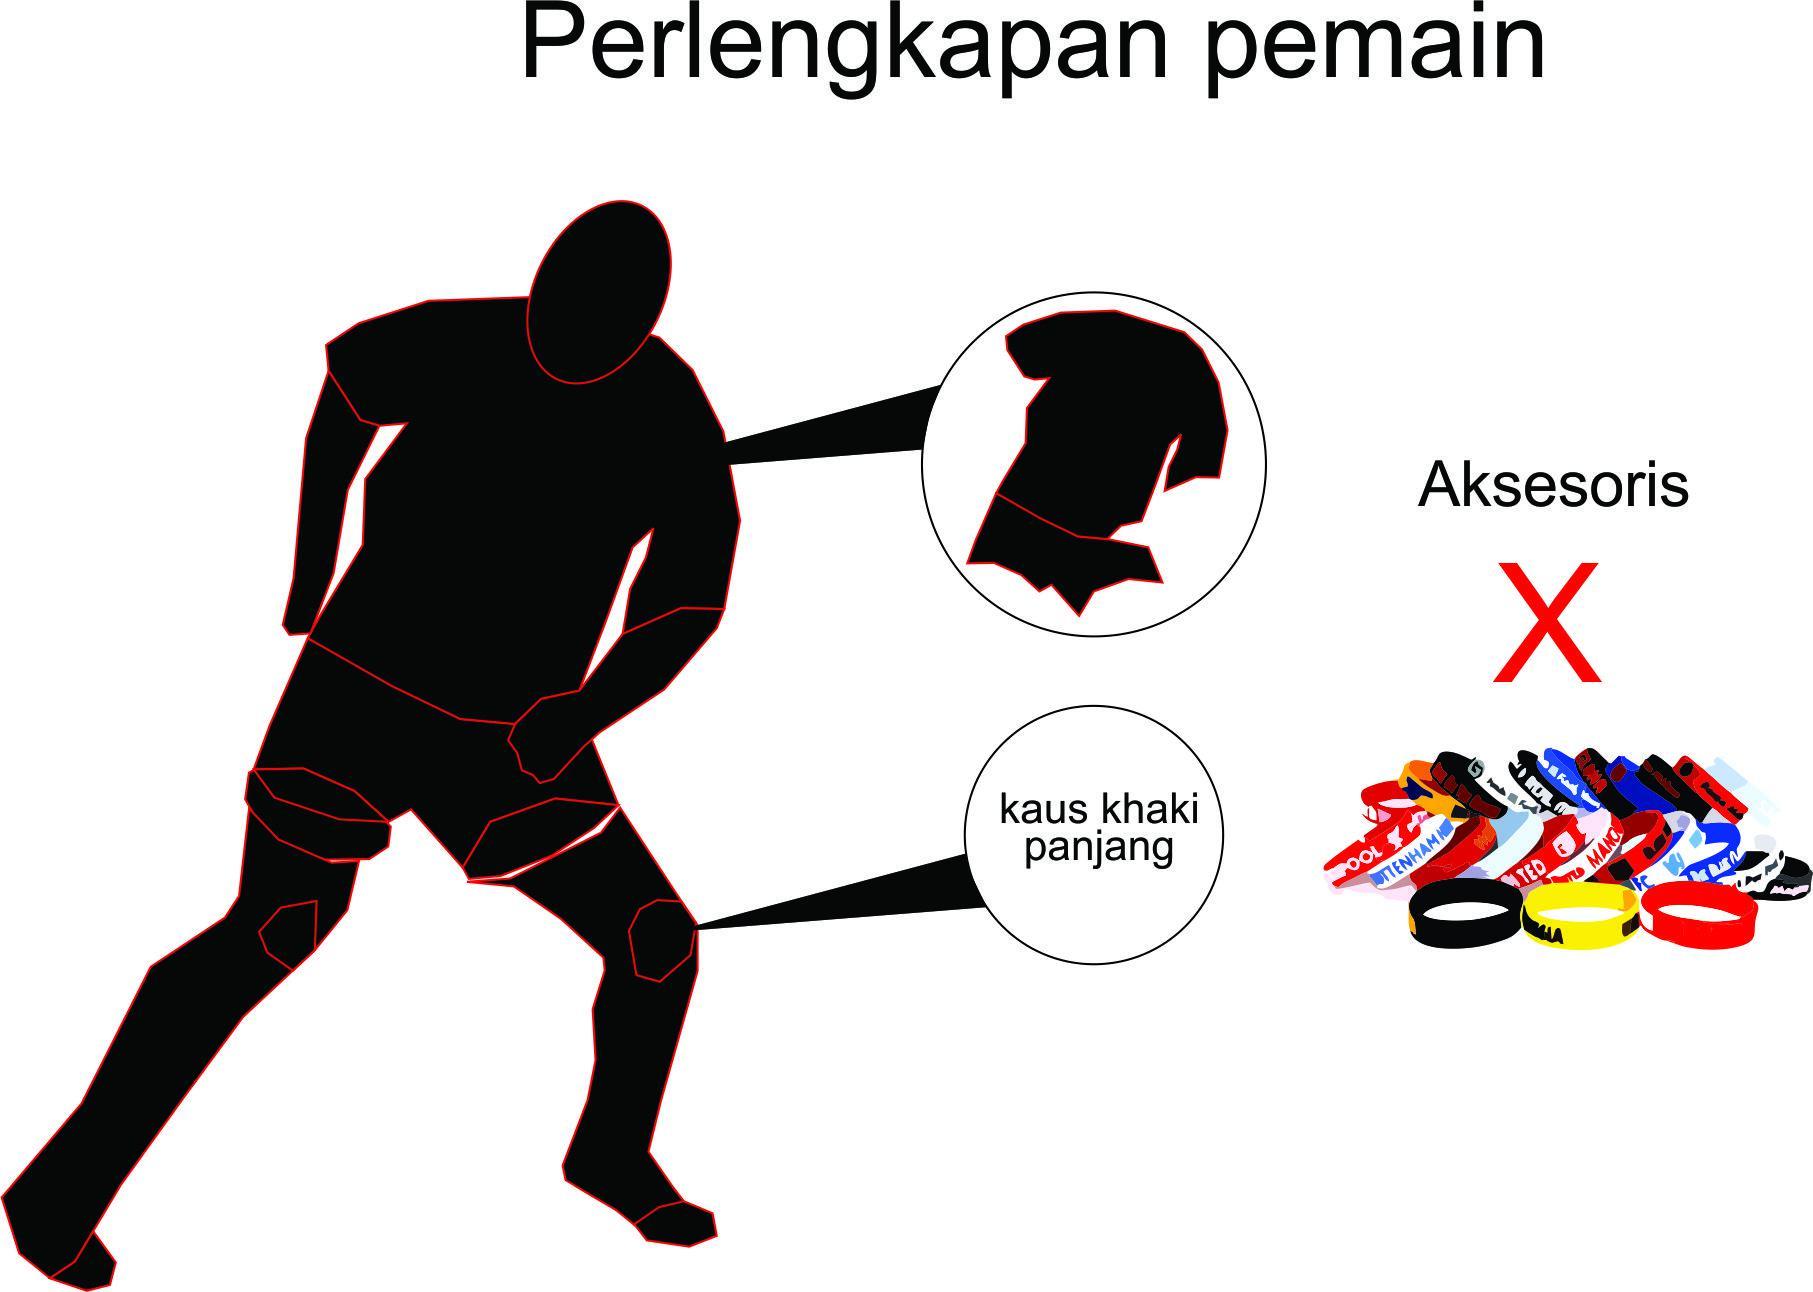 Peraturan Futsal (Perlengkapan Pemain). Copyright: Grafis: Eli Suhaeli/INDOSPORT